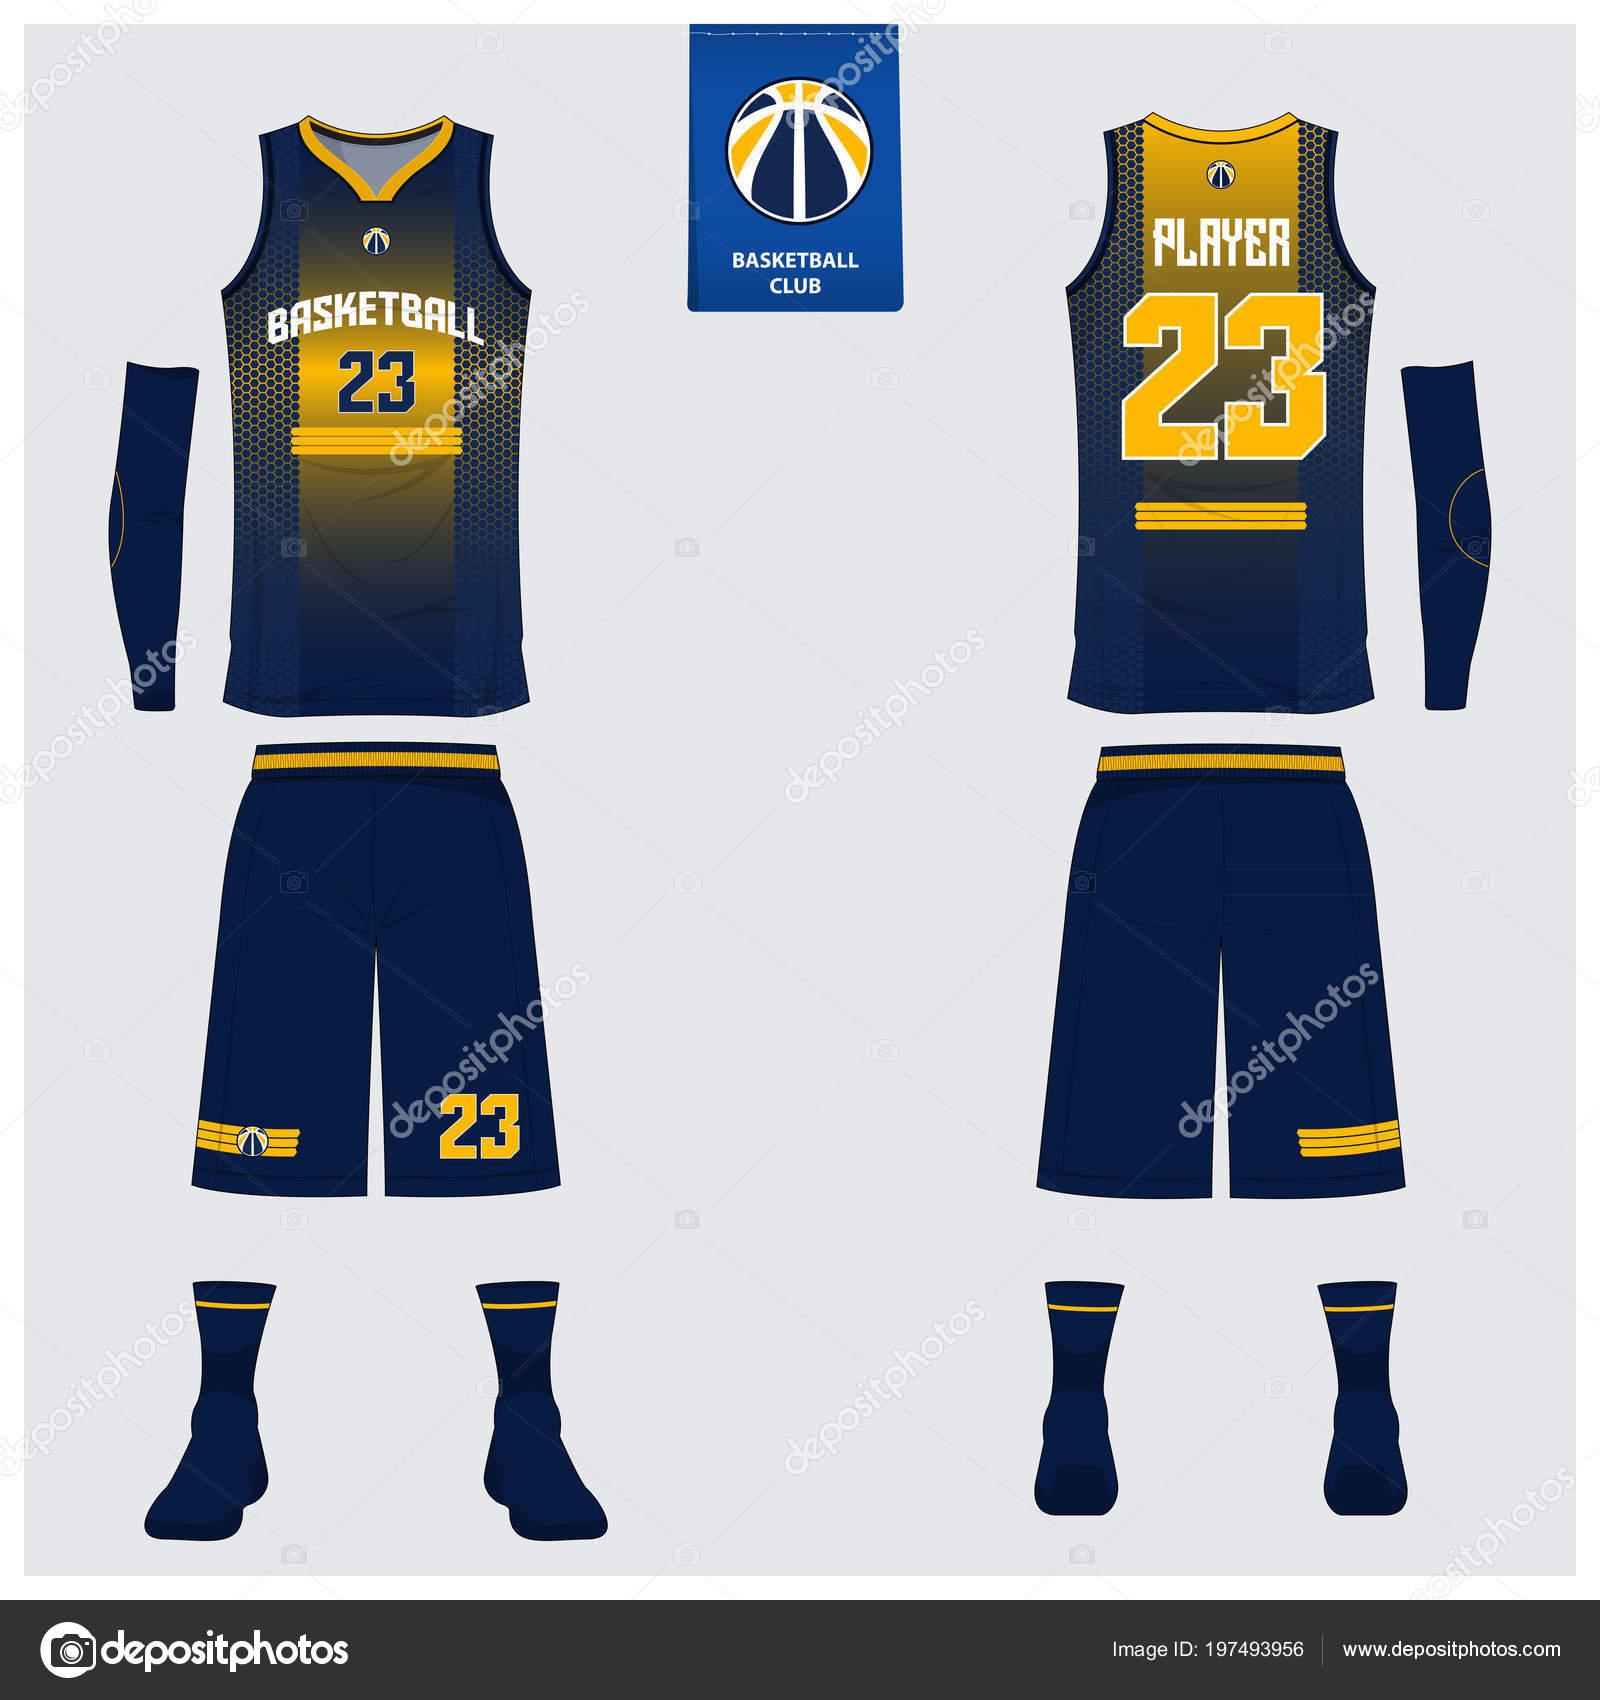 basketball jersey sport uniform template design basketball club